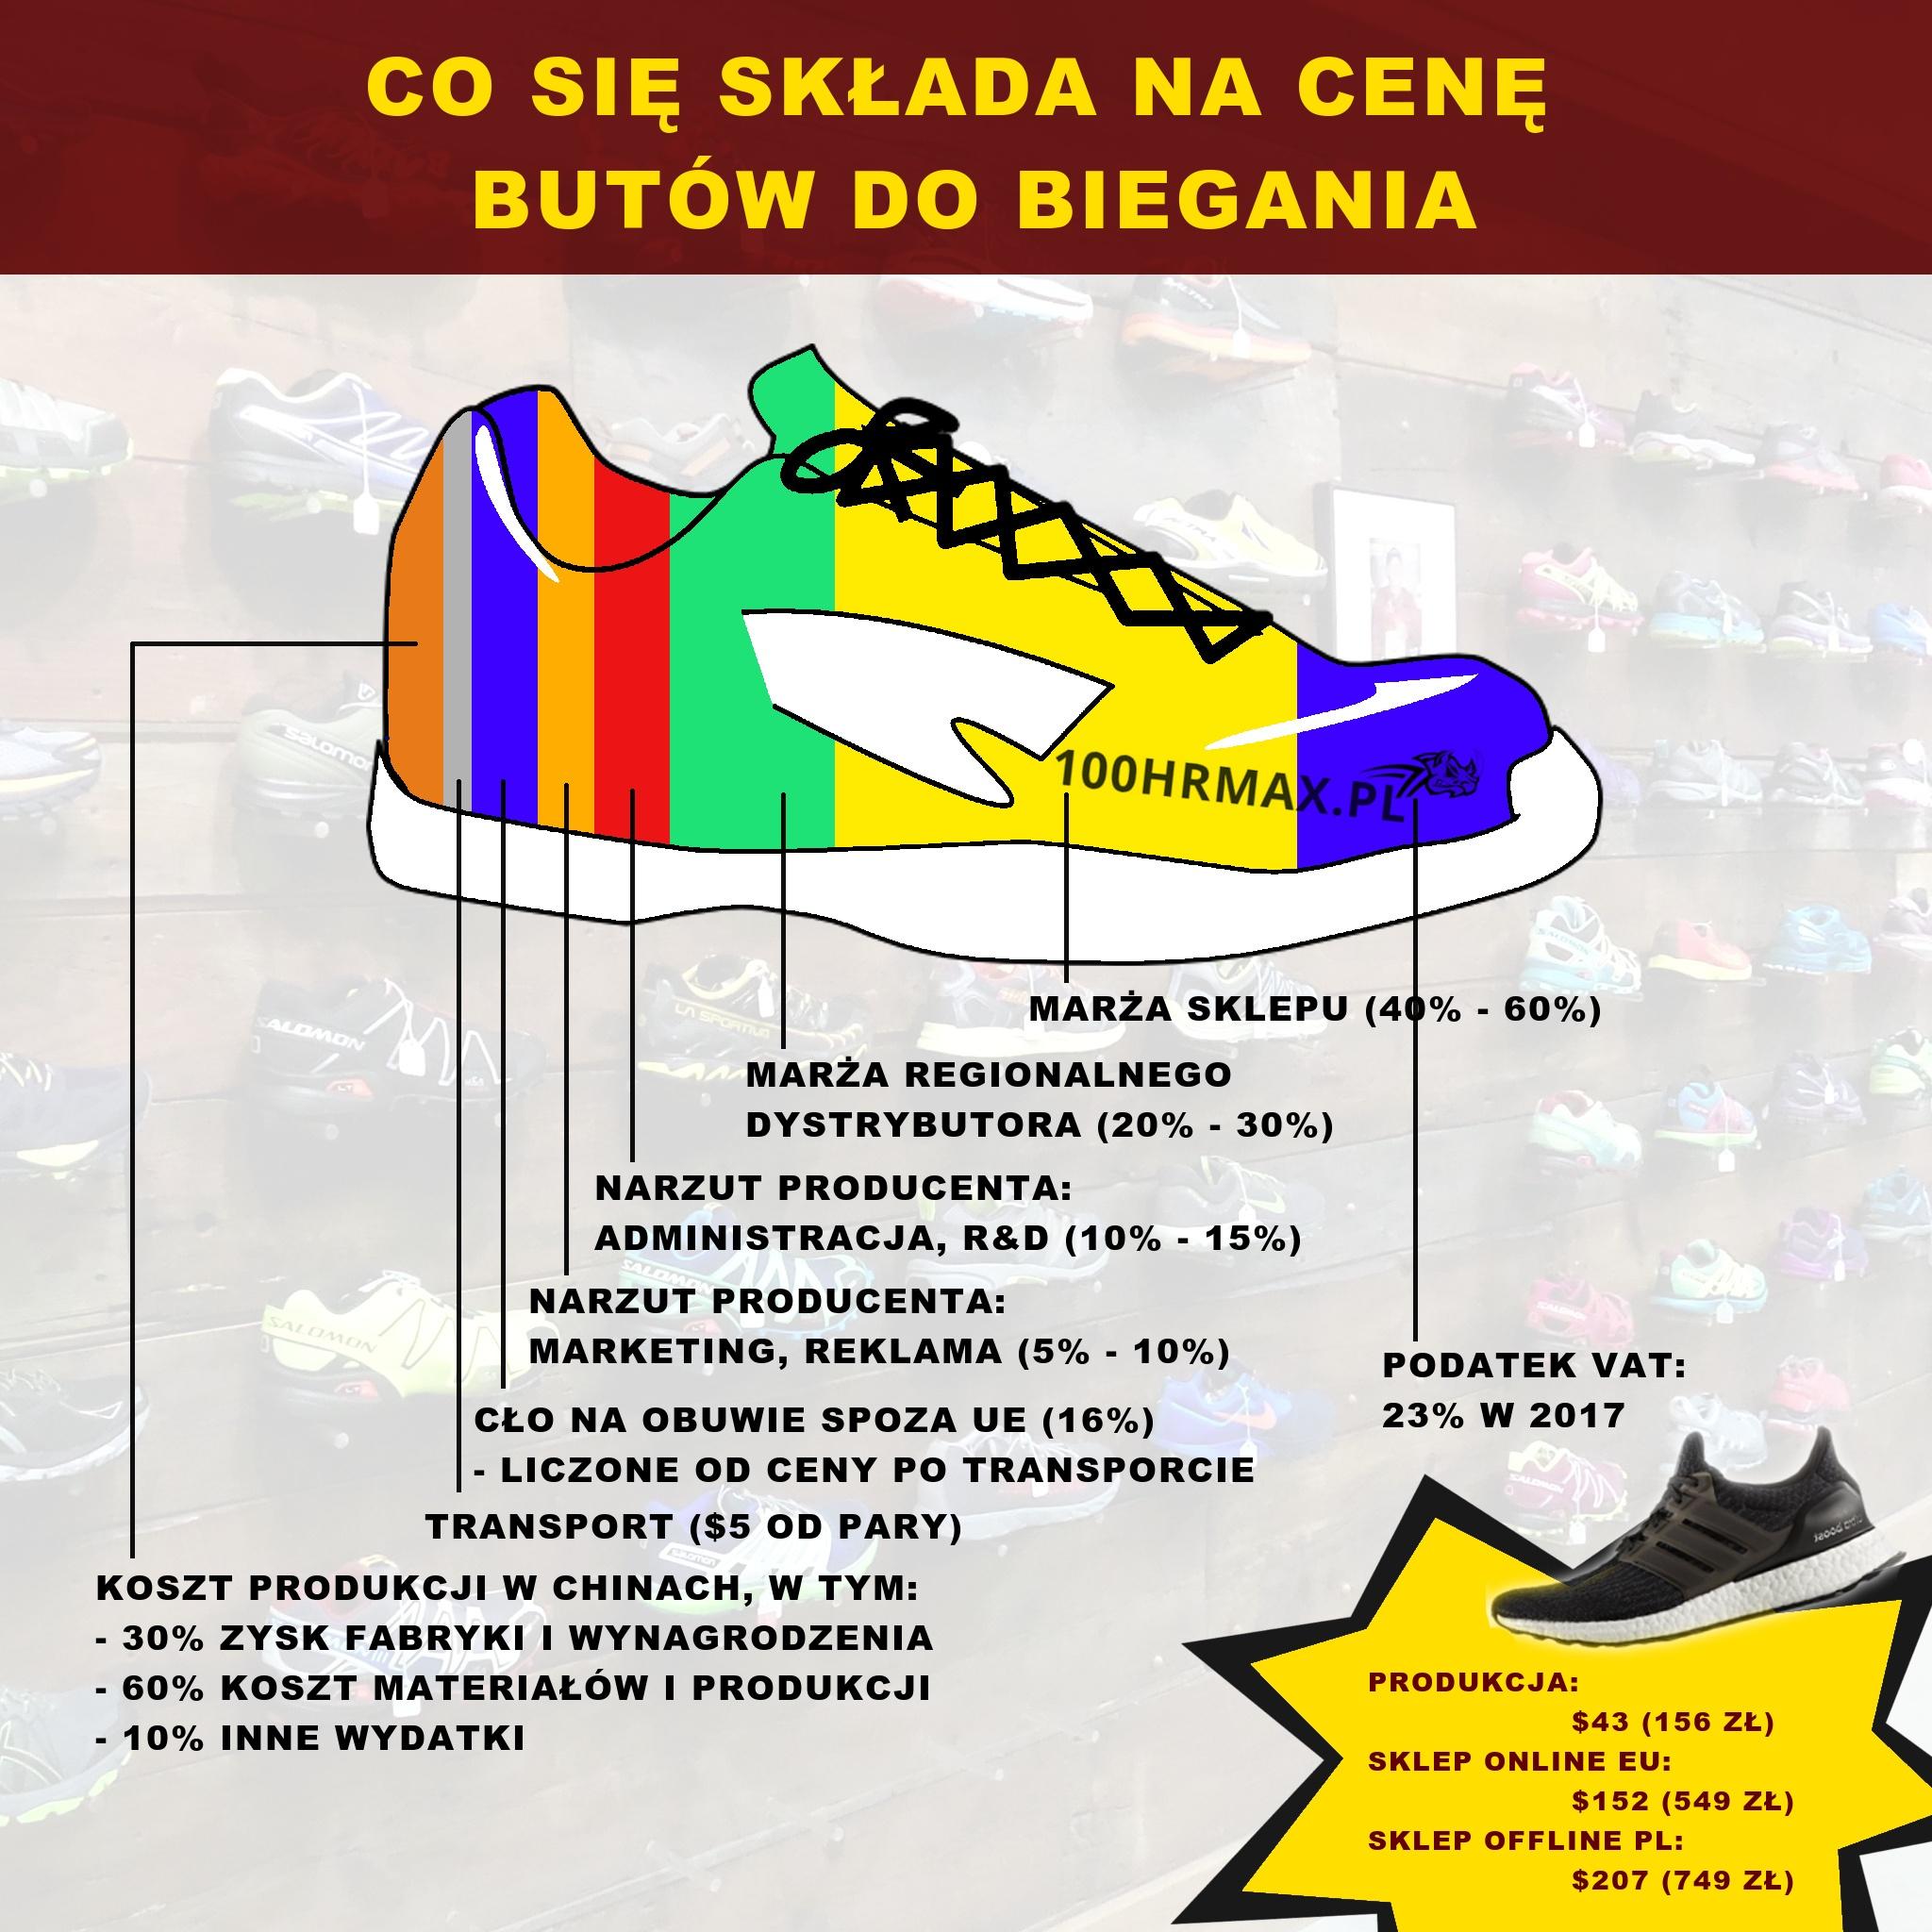 Cena butów do biegania. Składowe ceny butów